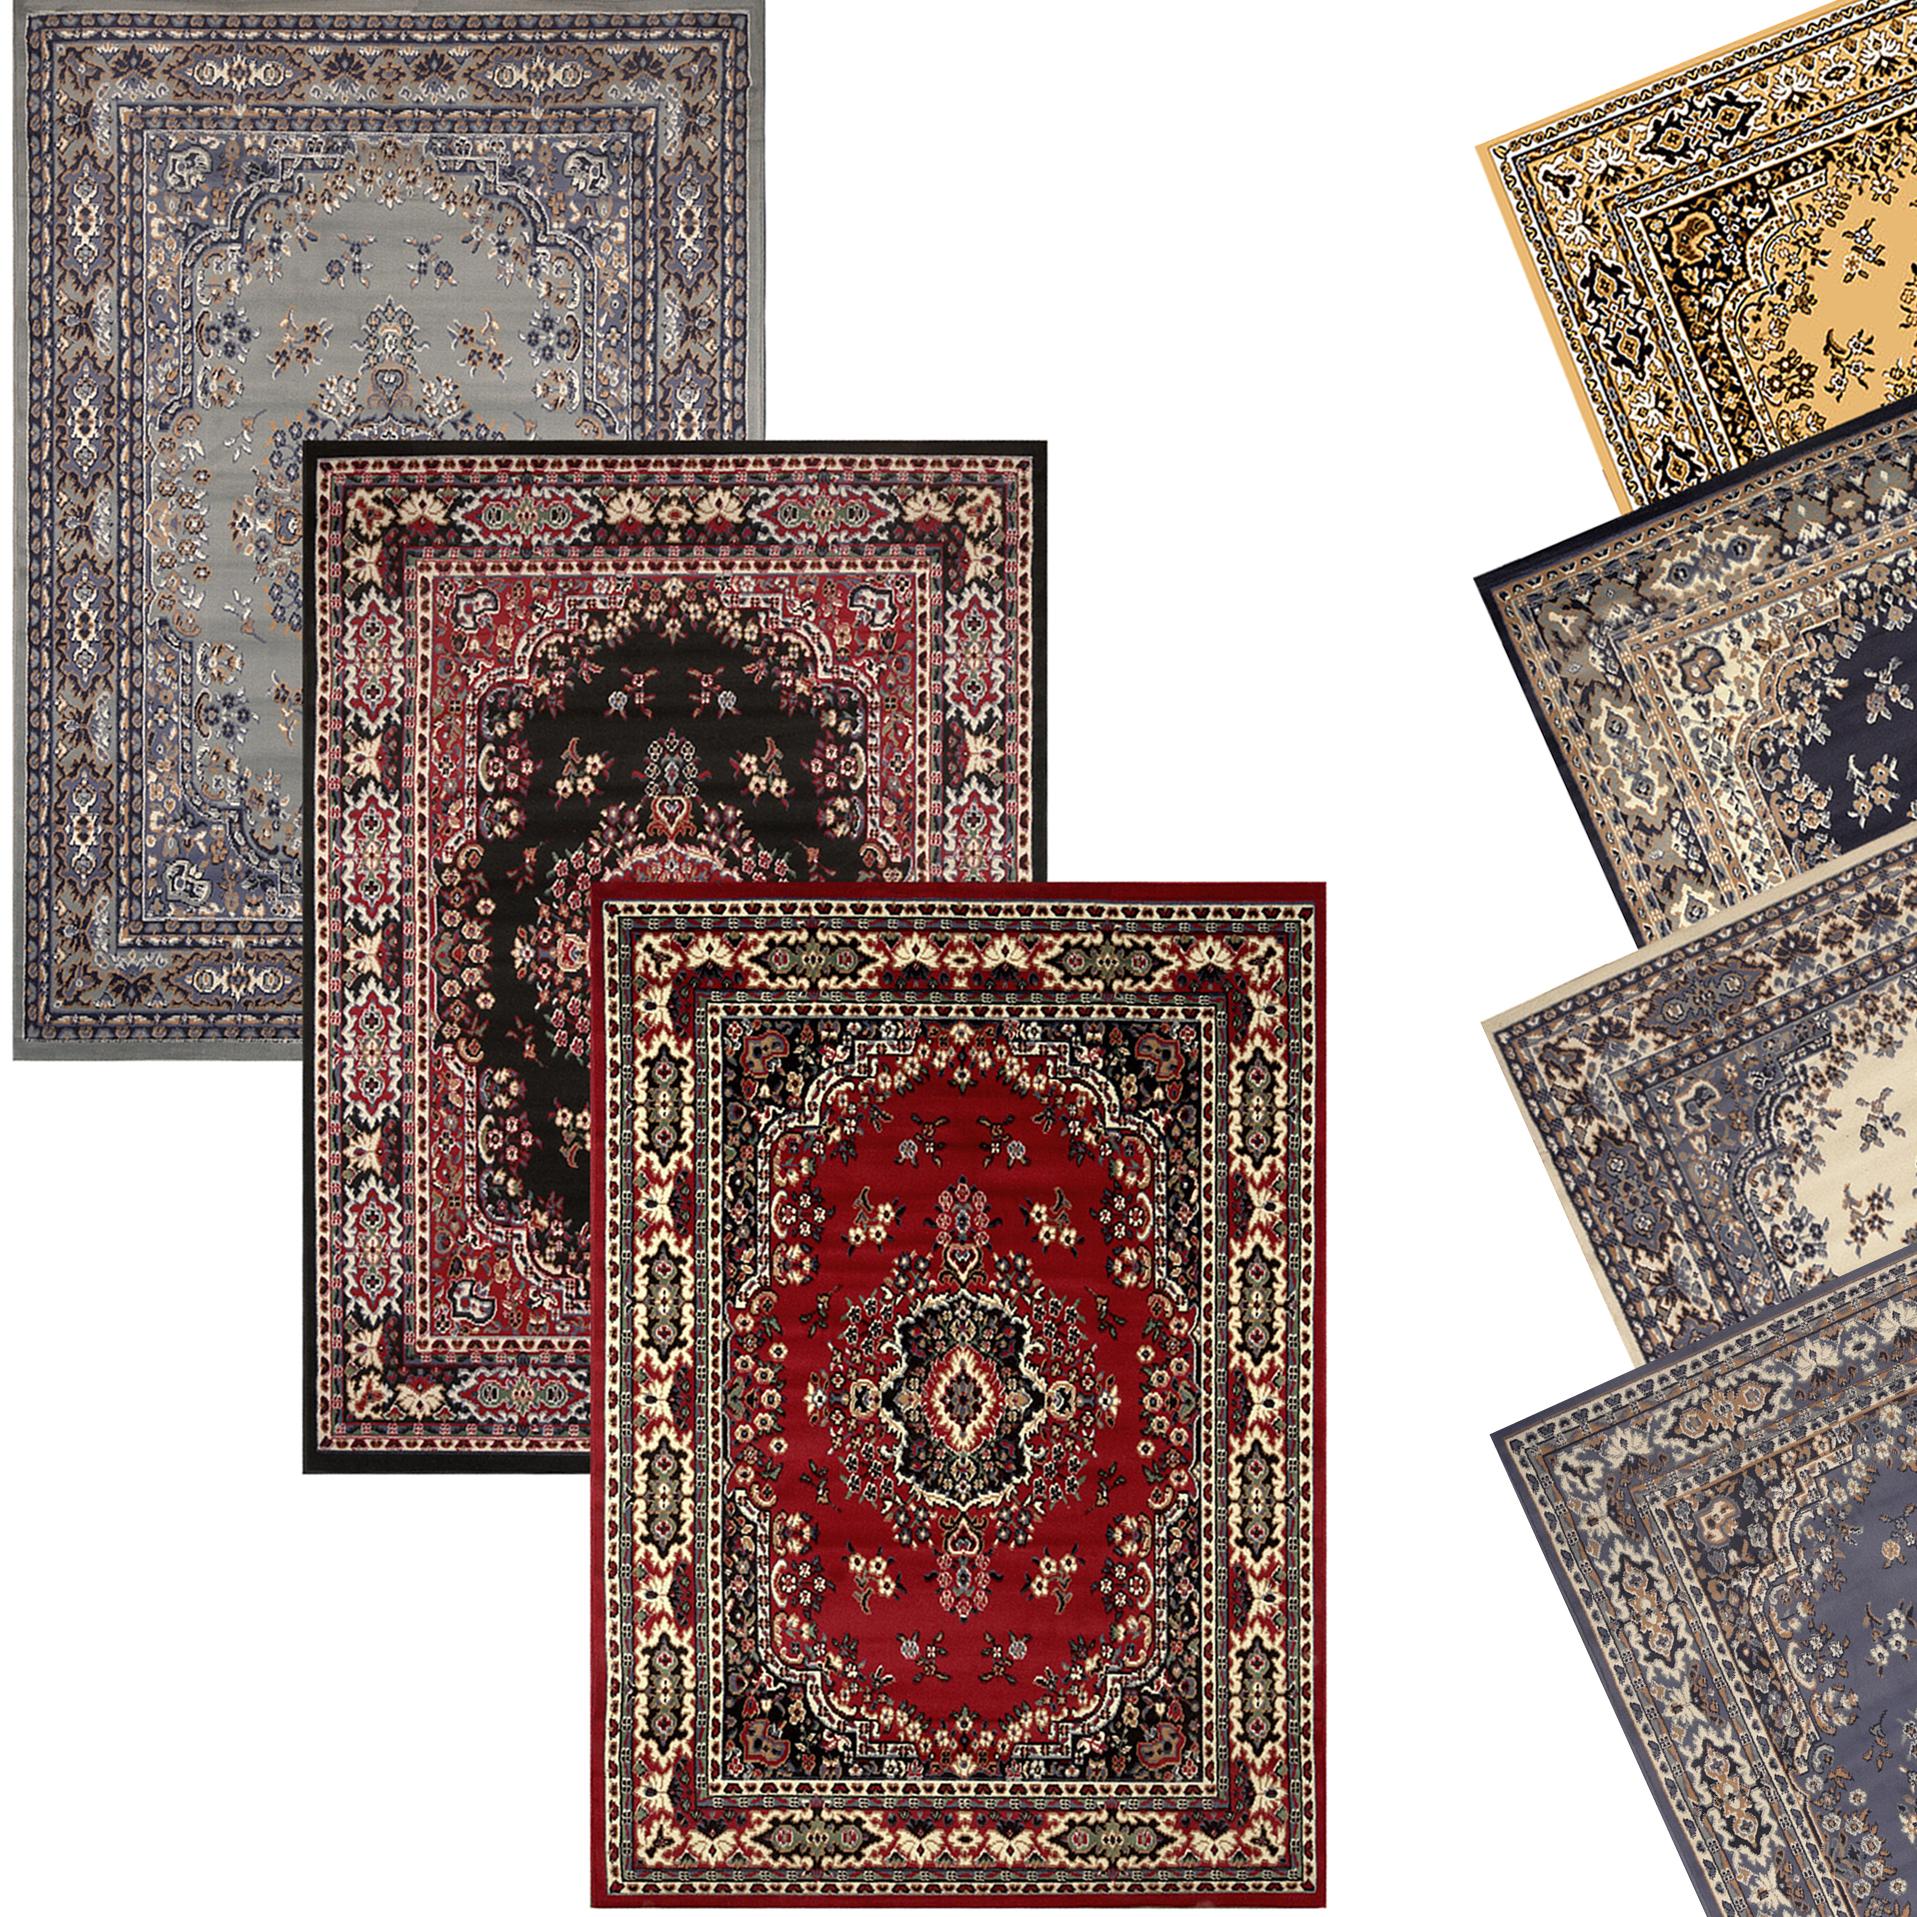 oriental rugs online traditional oriental medallion area rug persian style carpet runner mat  allsizes VRBSATG